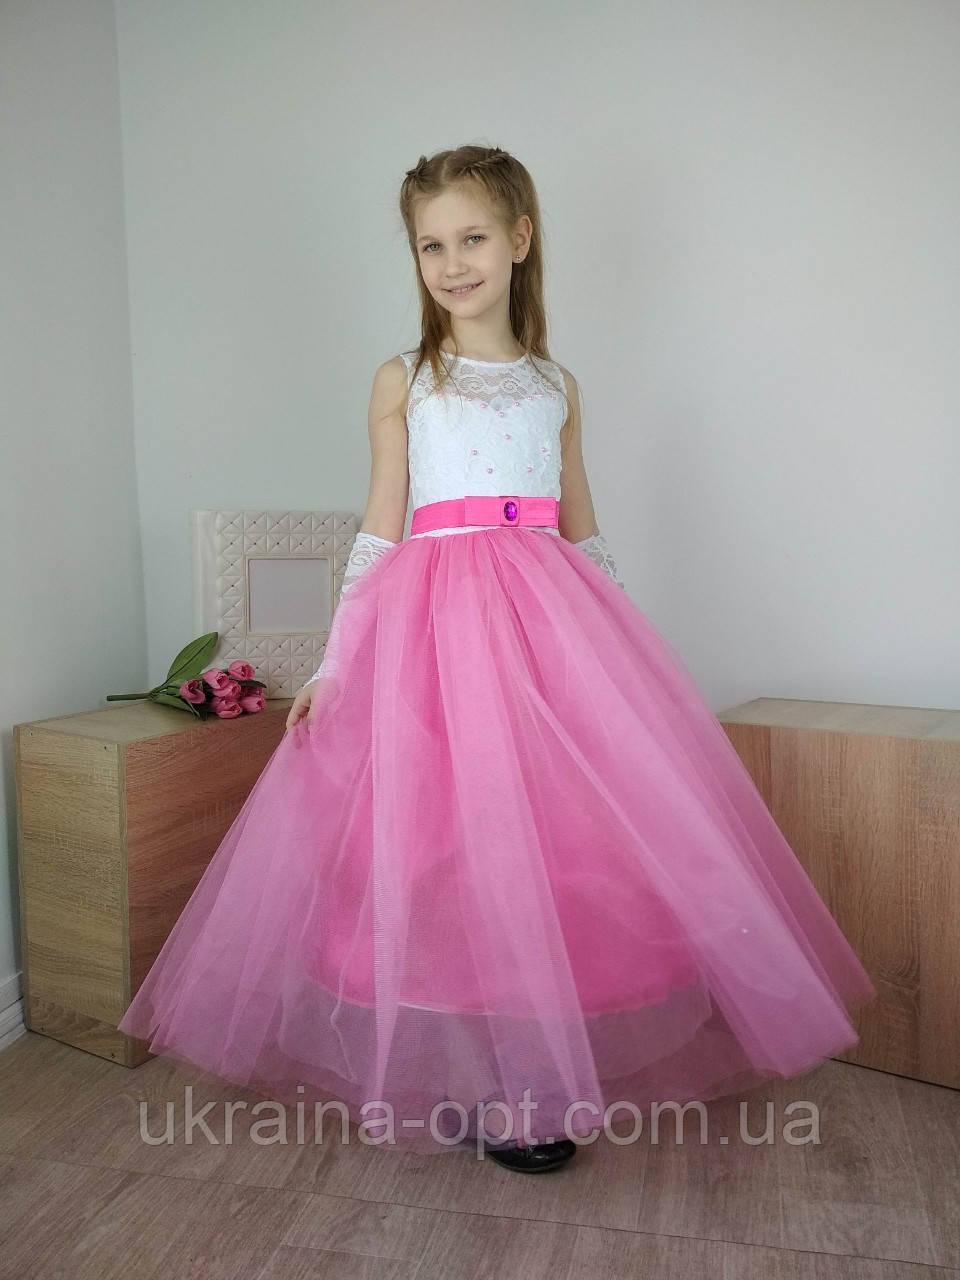 Детское бальное платье в пол